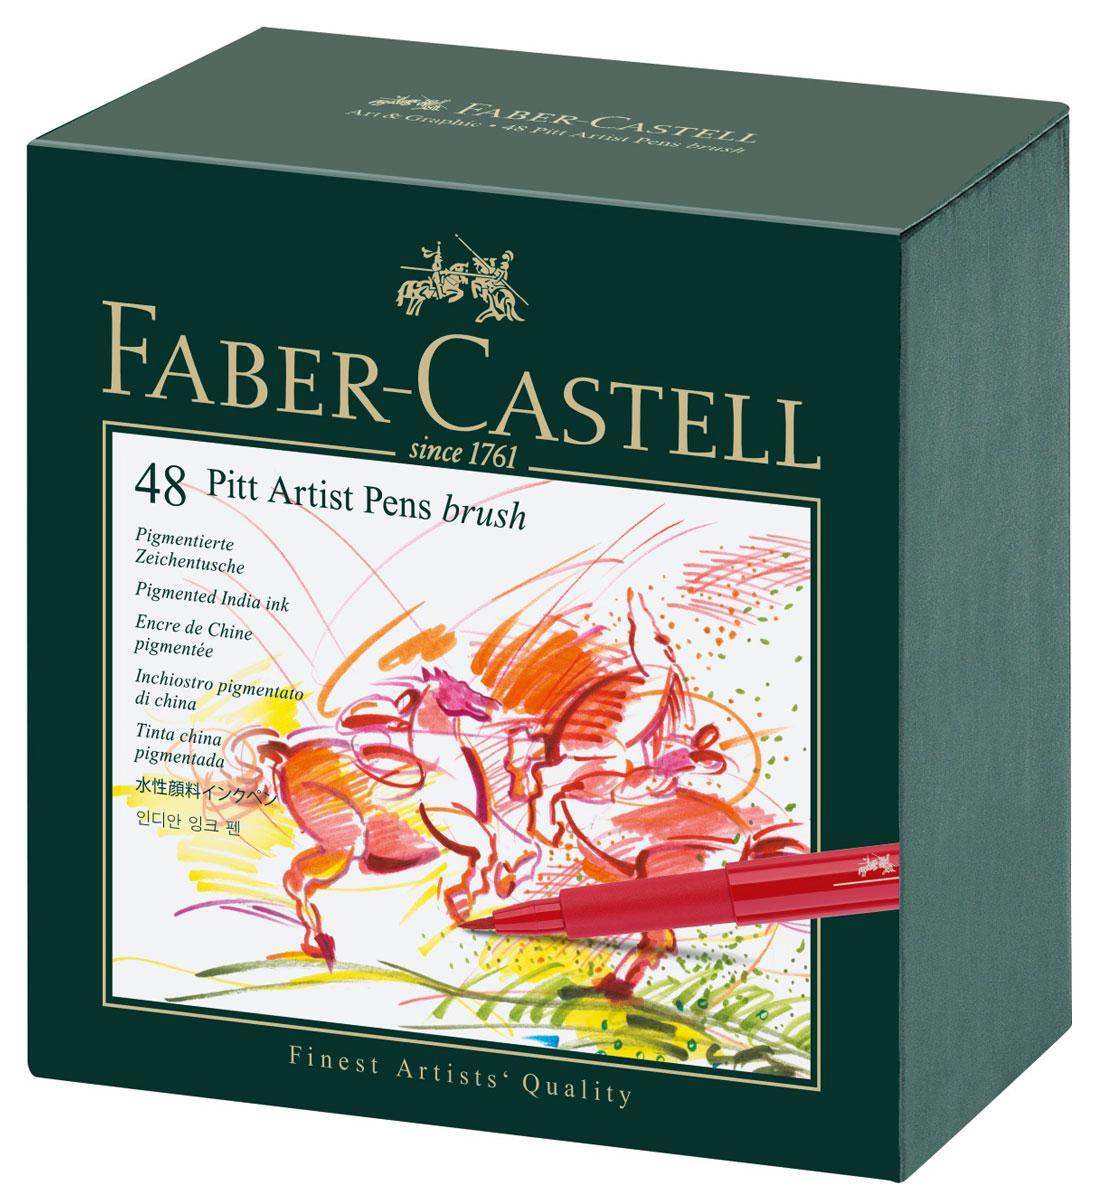 Faber-Castell Ручка капиллярная Pitt Artist Pen 48 шт167148Капиллярные ручки Faber-Castell Pitt Artist Pen станут незаменимым атрибутом учебы или работы.Корпус ручек выполнен из прочного пластика. Корпус выполнен в цвете чернил. Высококачественные PH-нейтральные чернила устойчивы к воздействию солнечных лучей, после высыхания не размазываются на бумаге. Ручки оснащены упругим клипом для удобной фиксации на бумаге или одежде.Набор упакован в практичную коробку с откидывающейся крышкой. В коробке предусмотрена специальная лента, потянув за которую, выезжают четыре полочки с цветными ручками.В наборе 48 ручек разного цвета.